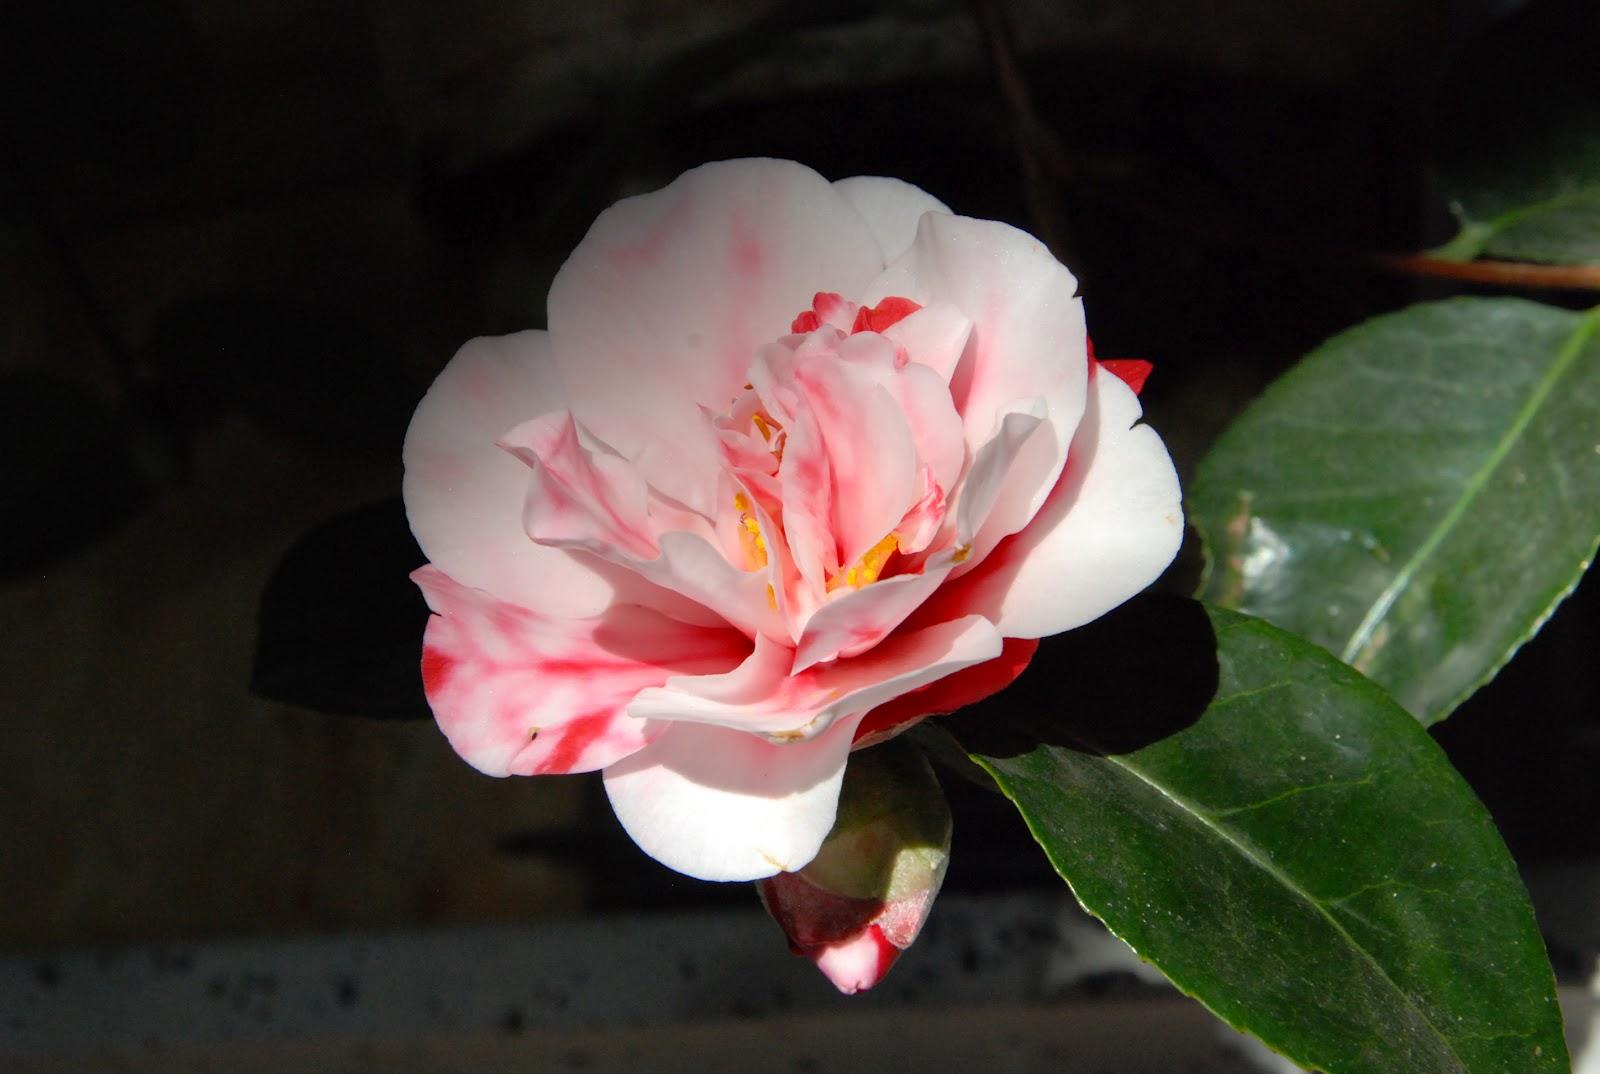 Den passionerade trädgårdsturisten: floristen tage andersens ...